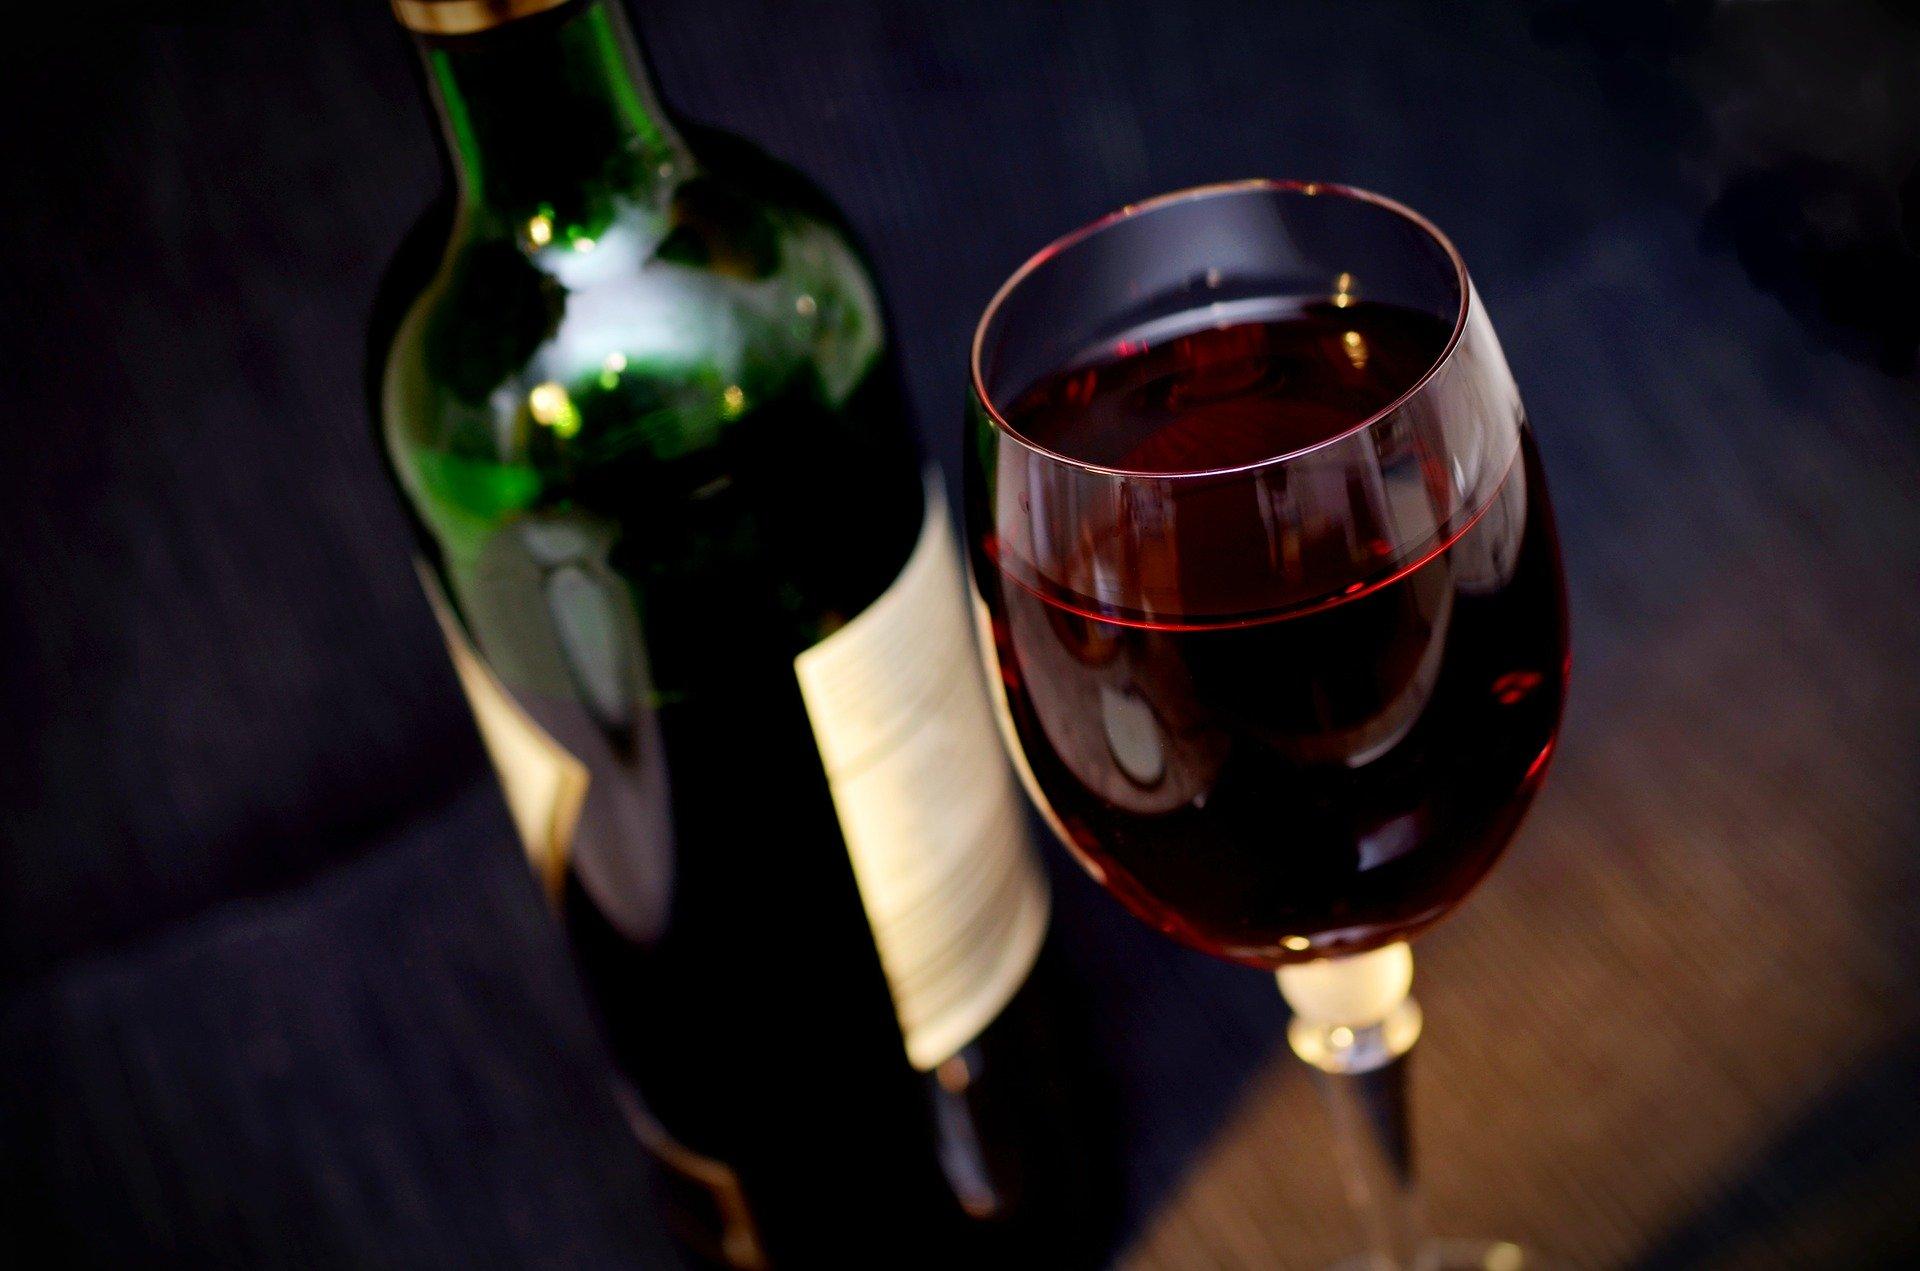 Όλες οι απορίες που πρέπει να λύσετε πριν αγοράσετε ένα κρασί